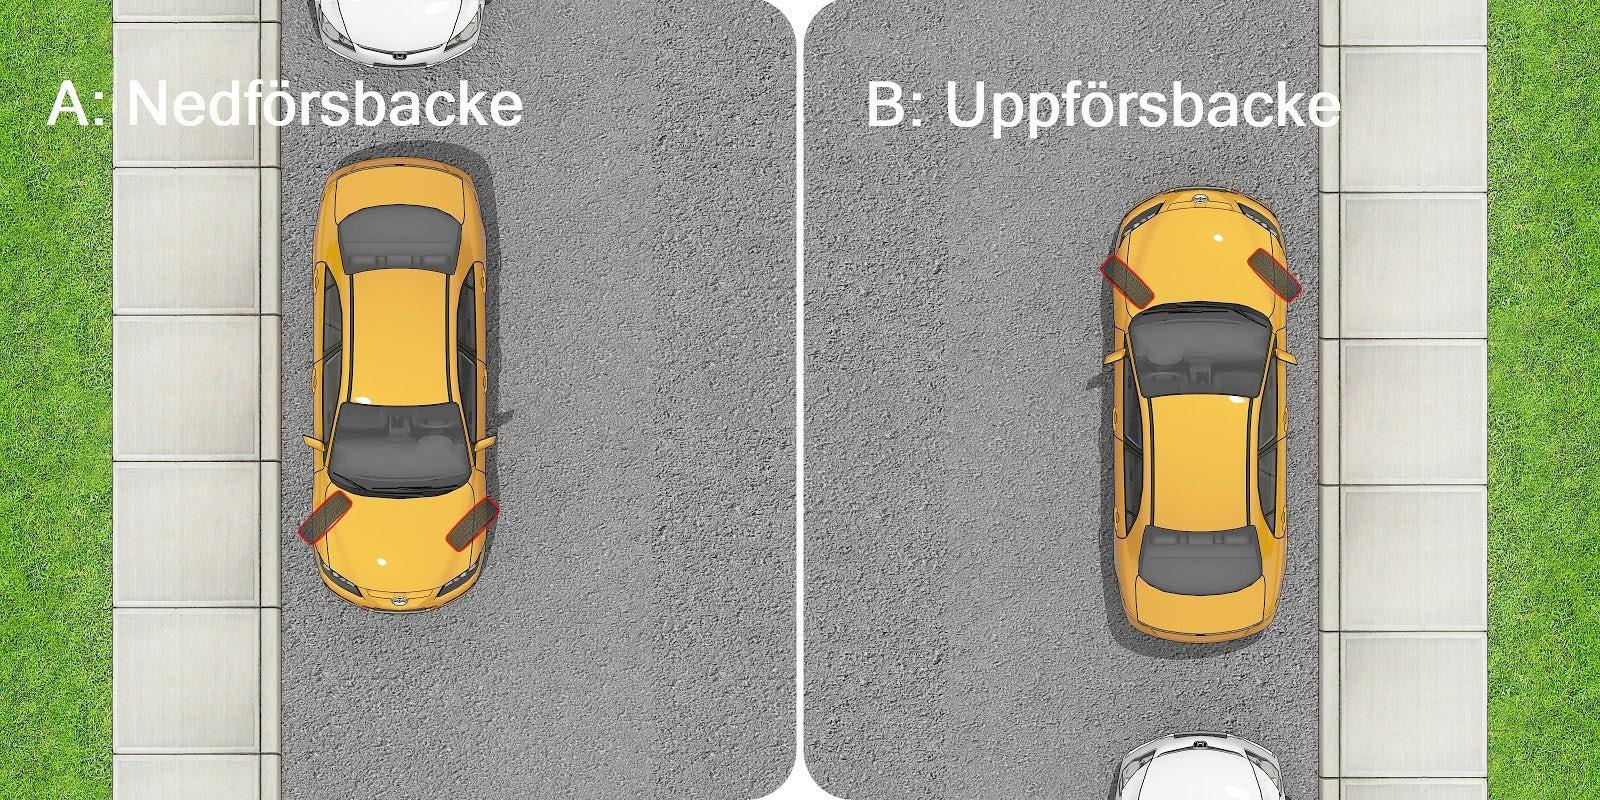 Hur man parkerar i uppförsbacke och nedförsbacke